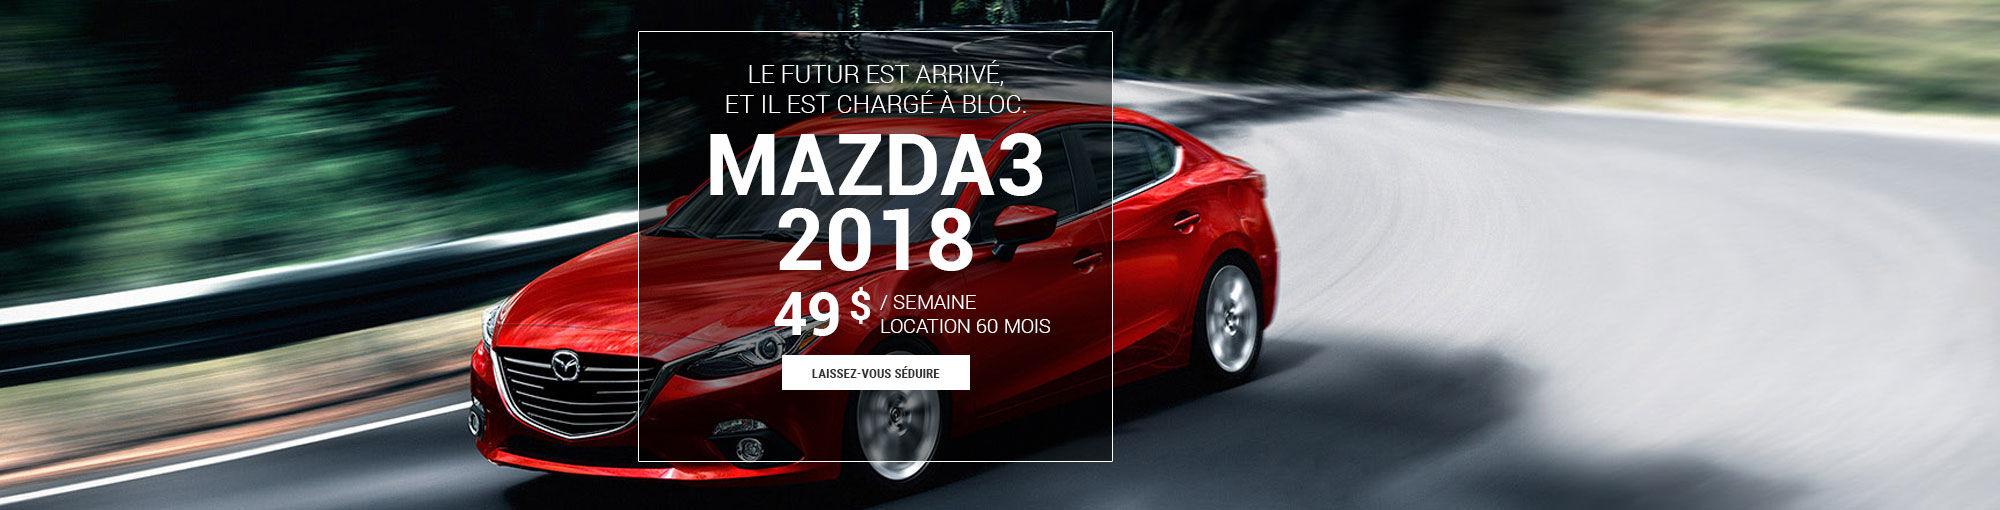 Mazda3 2018 - mai